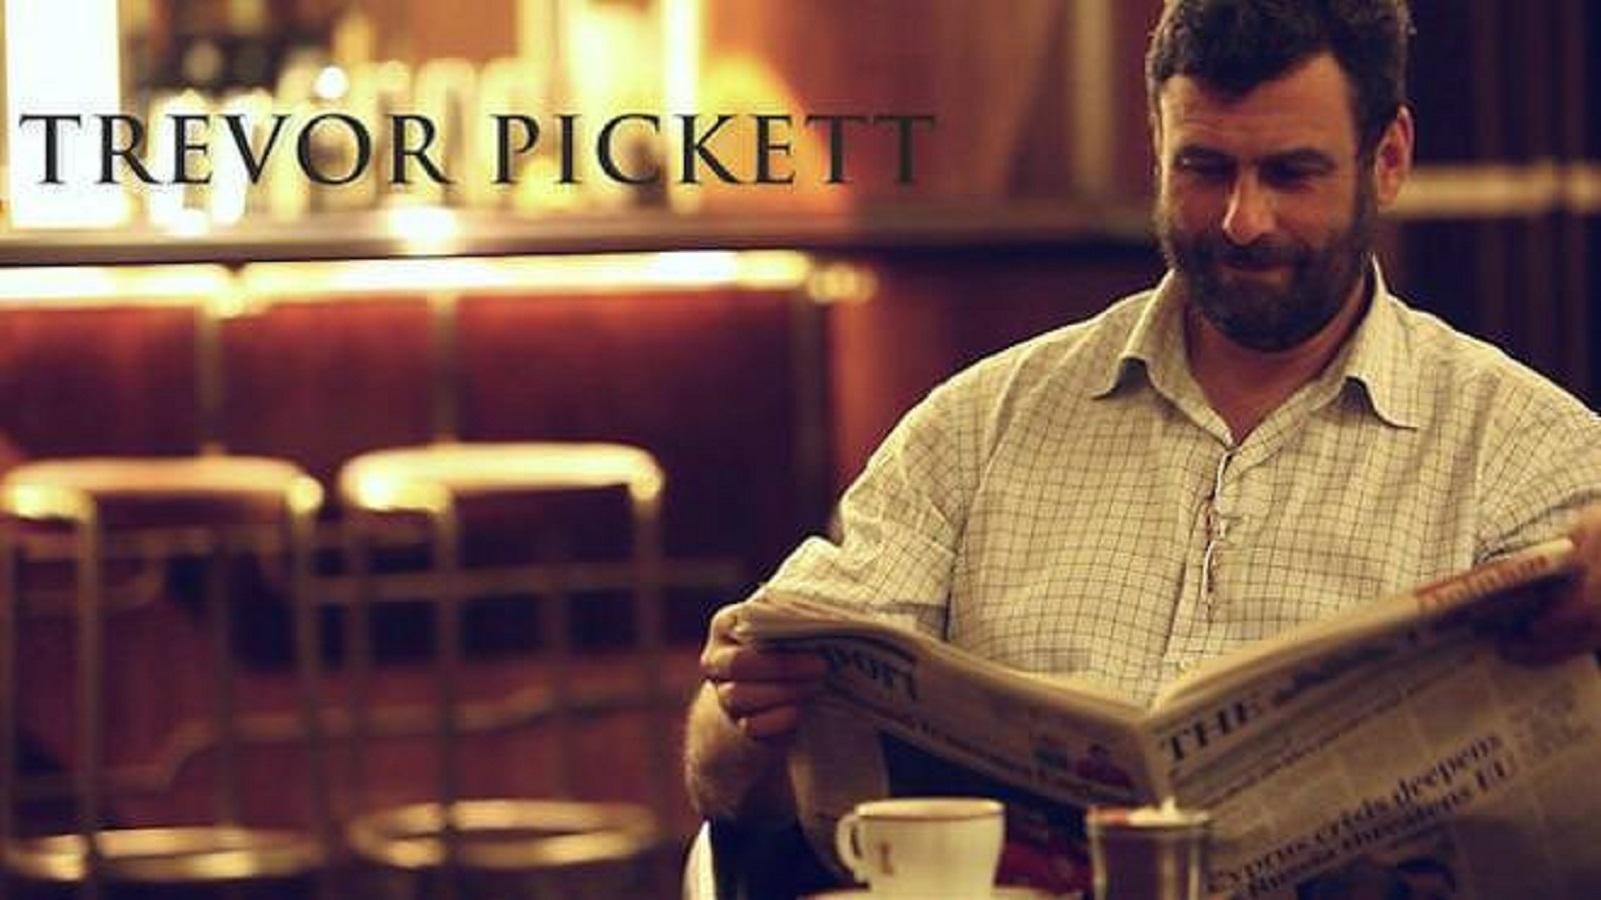 Trevor Picket.jpg